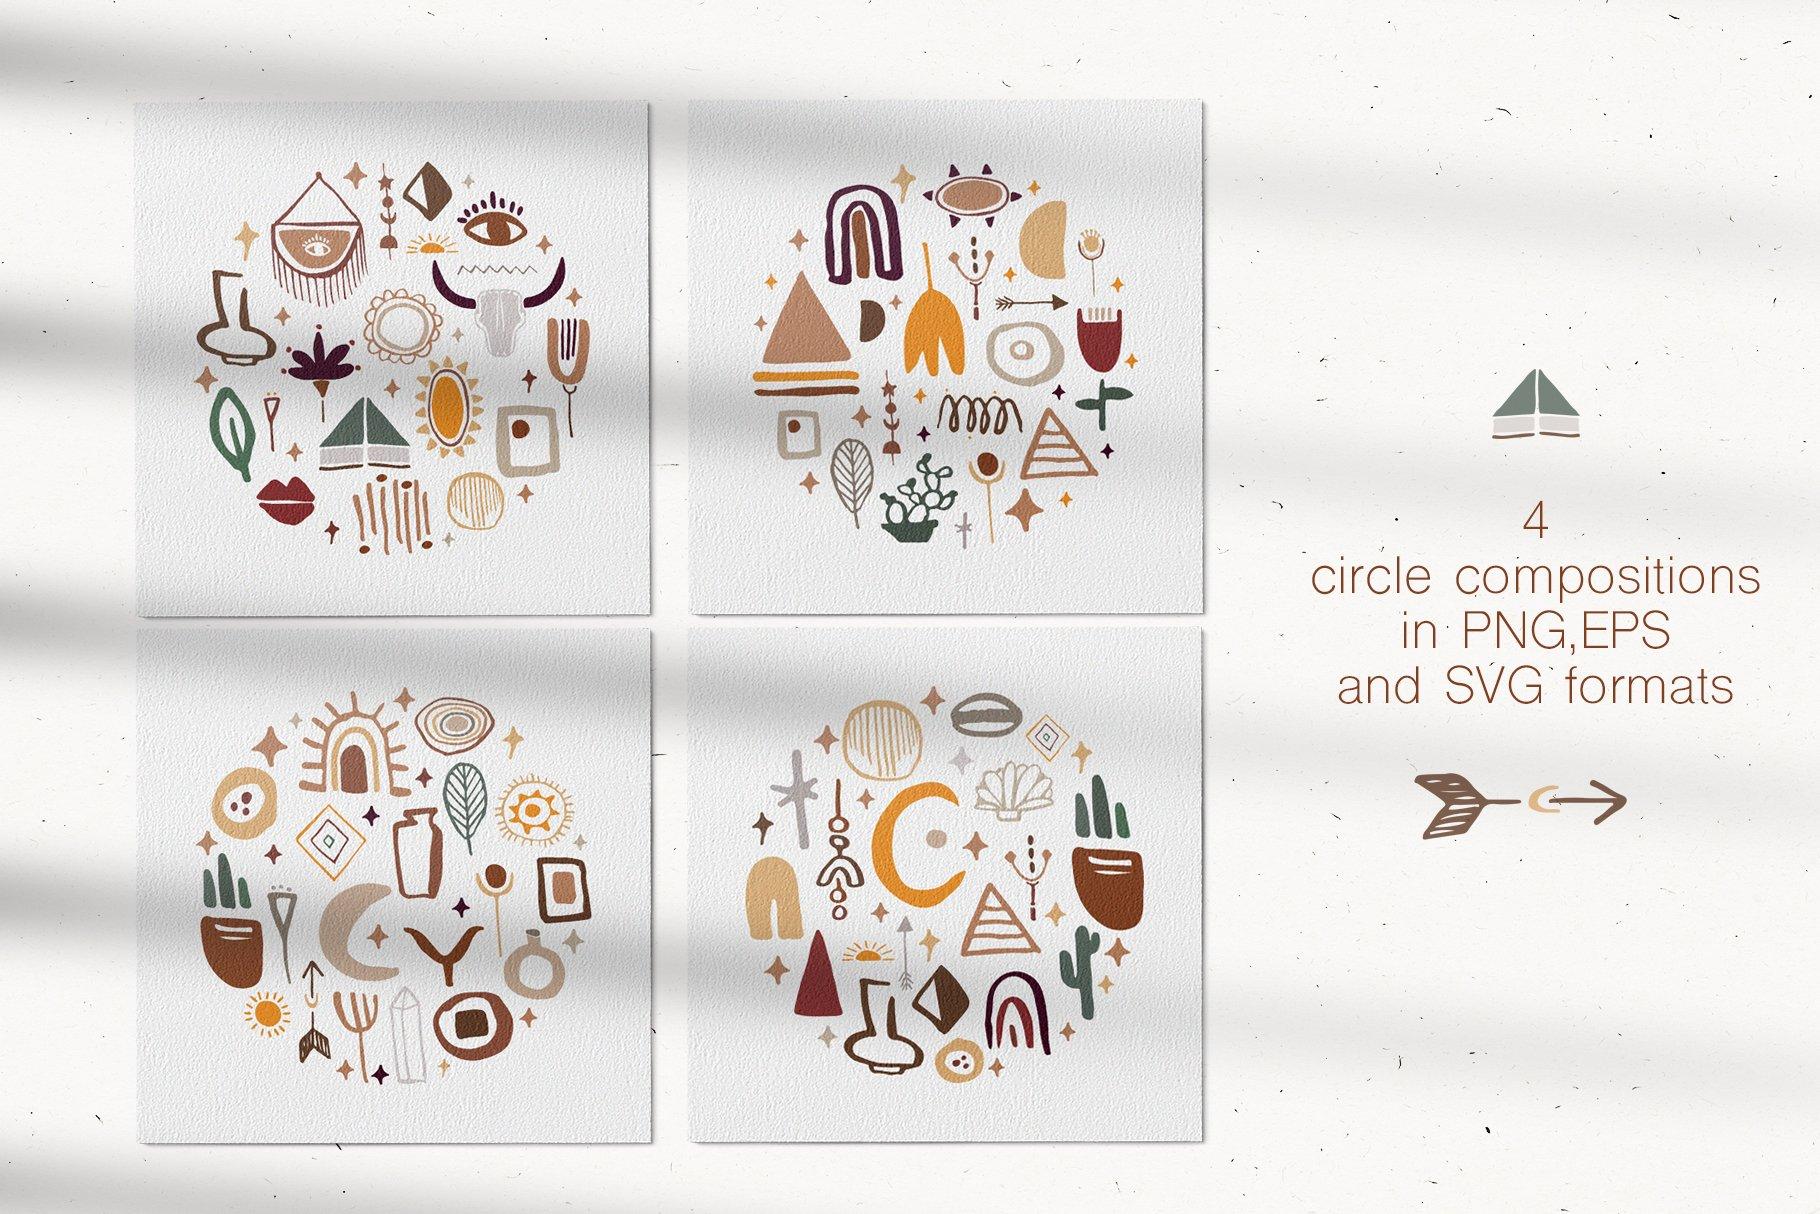 400多个波西米亚元素装饰图案背景AI图片素材 Boho Philosophy Collection插图(7)